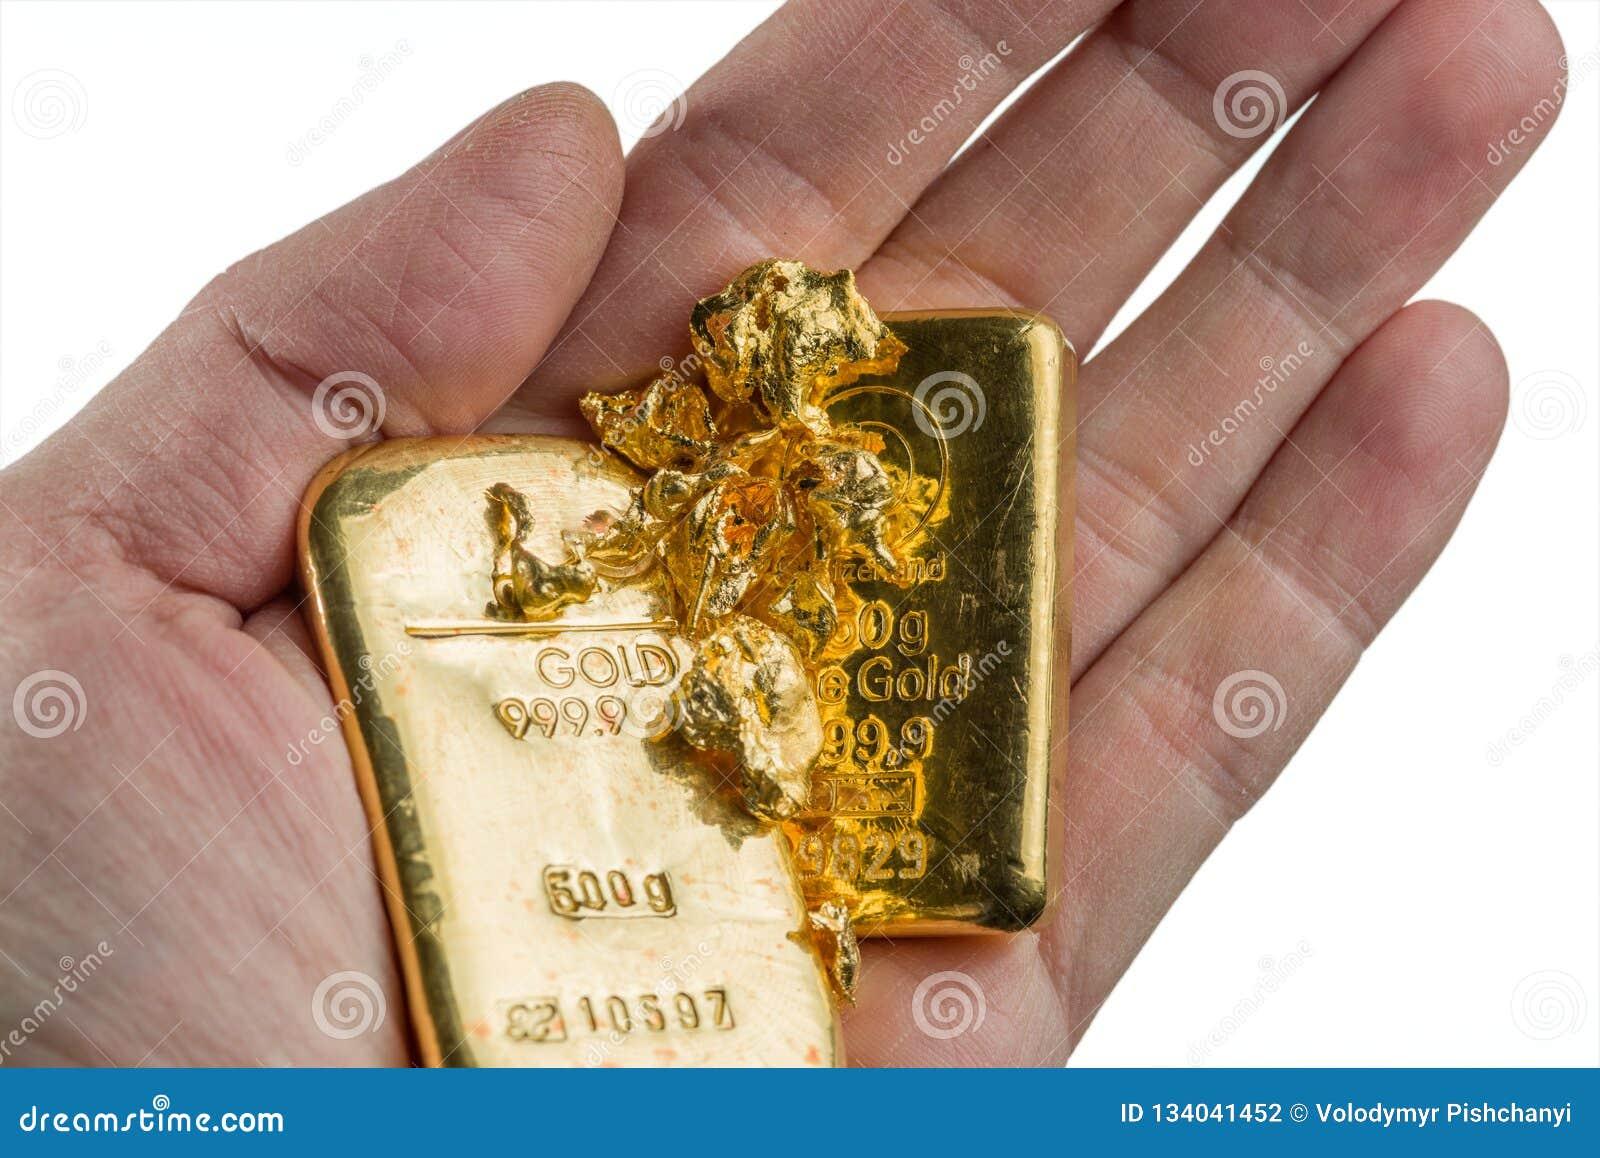 Dos barras de oro y varias pepitas de oro en la palma